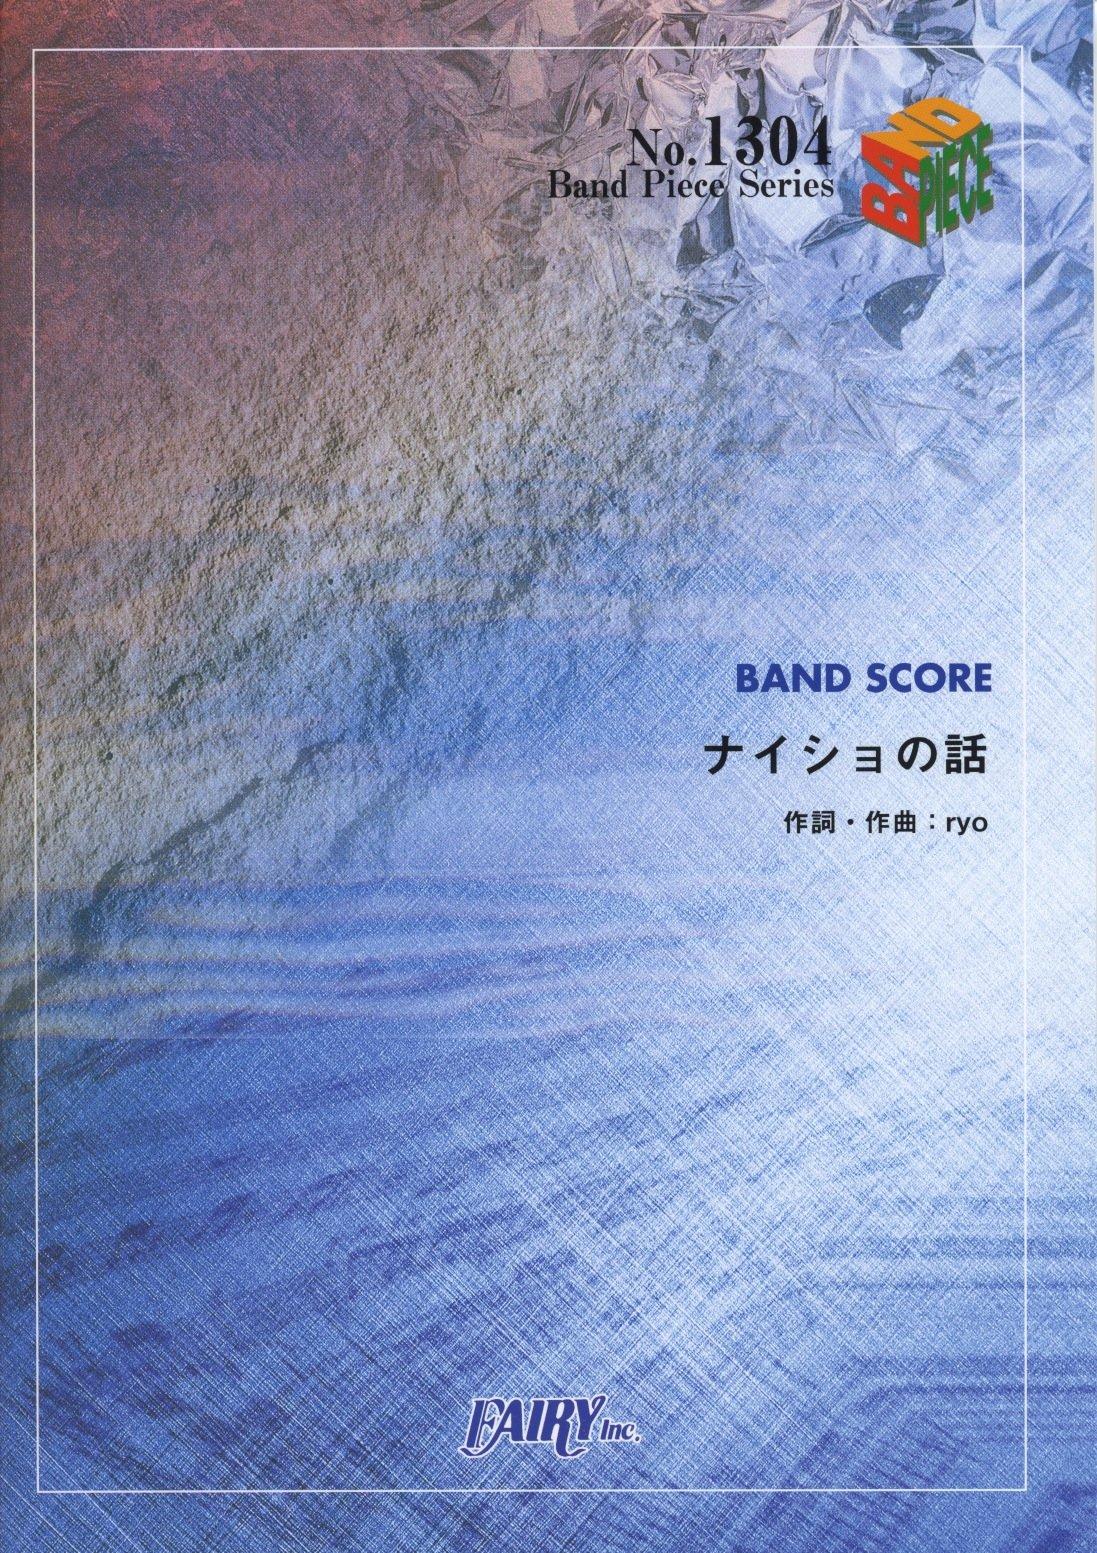 バンドピース1304 ナイショの話 by ClariS (Band Piece Series) pdf epub